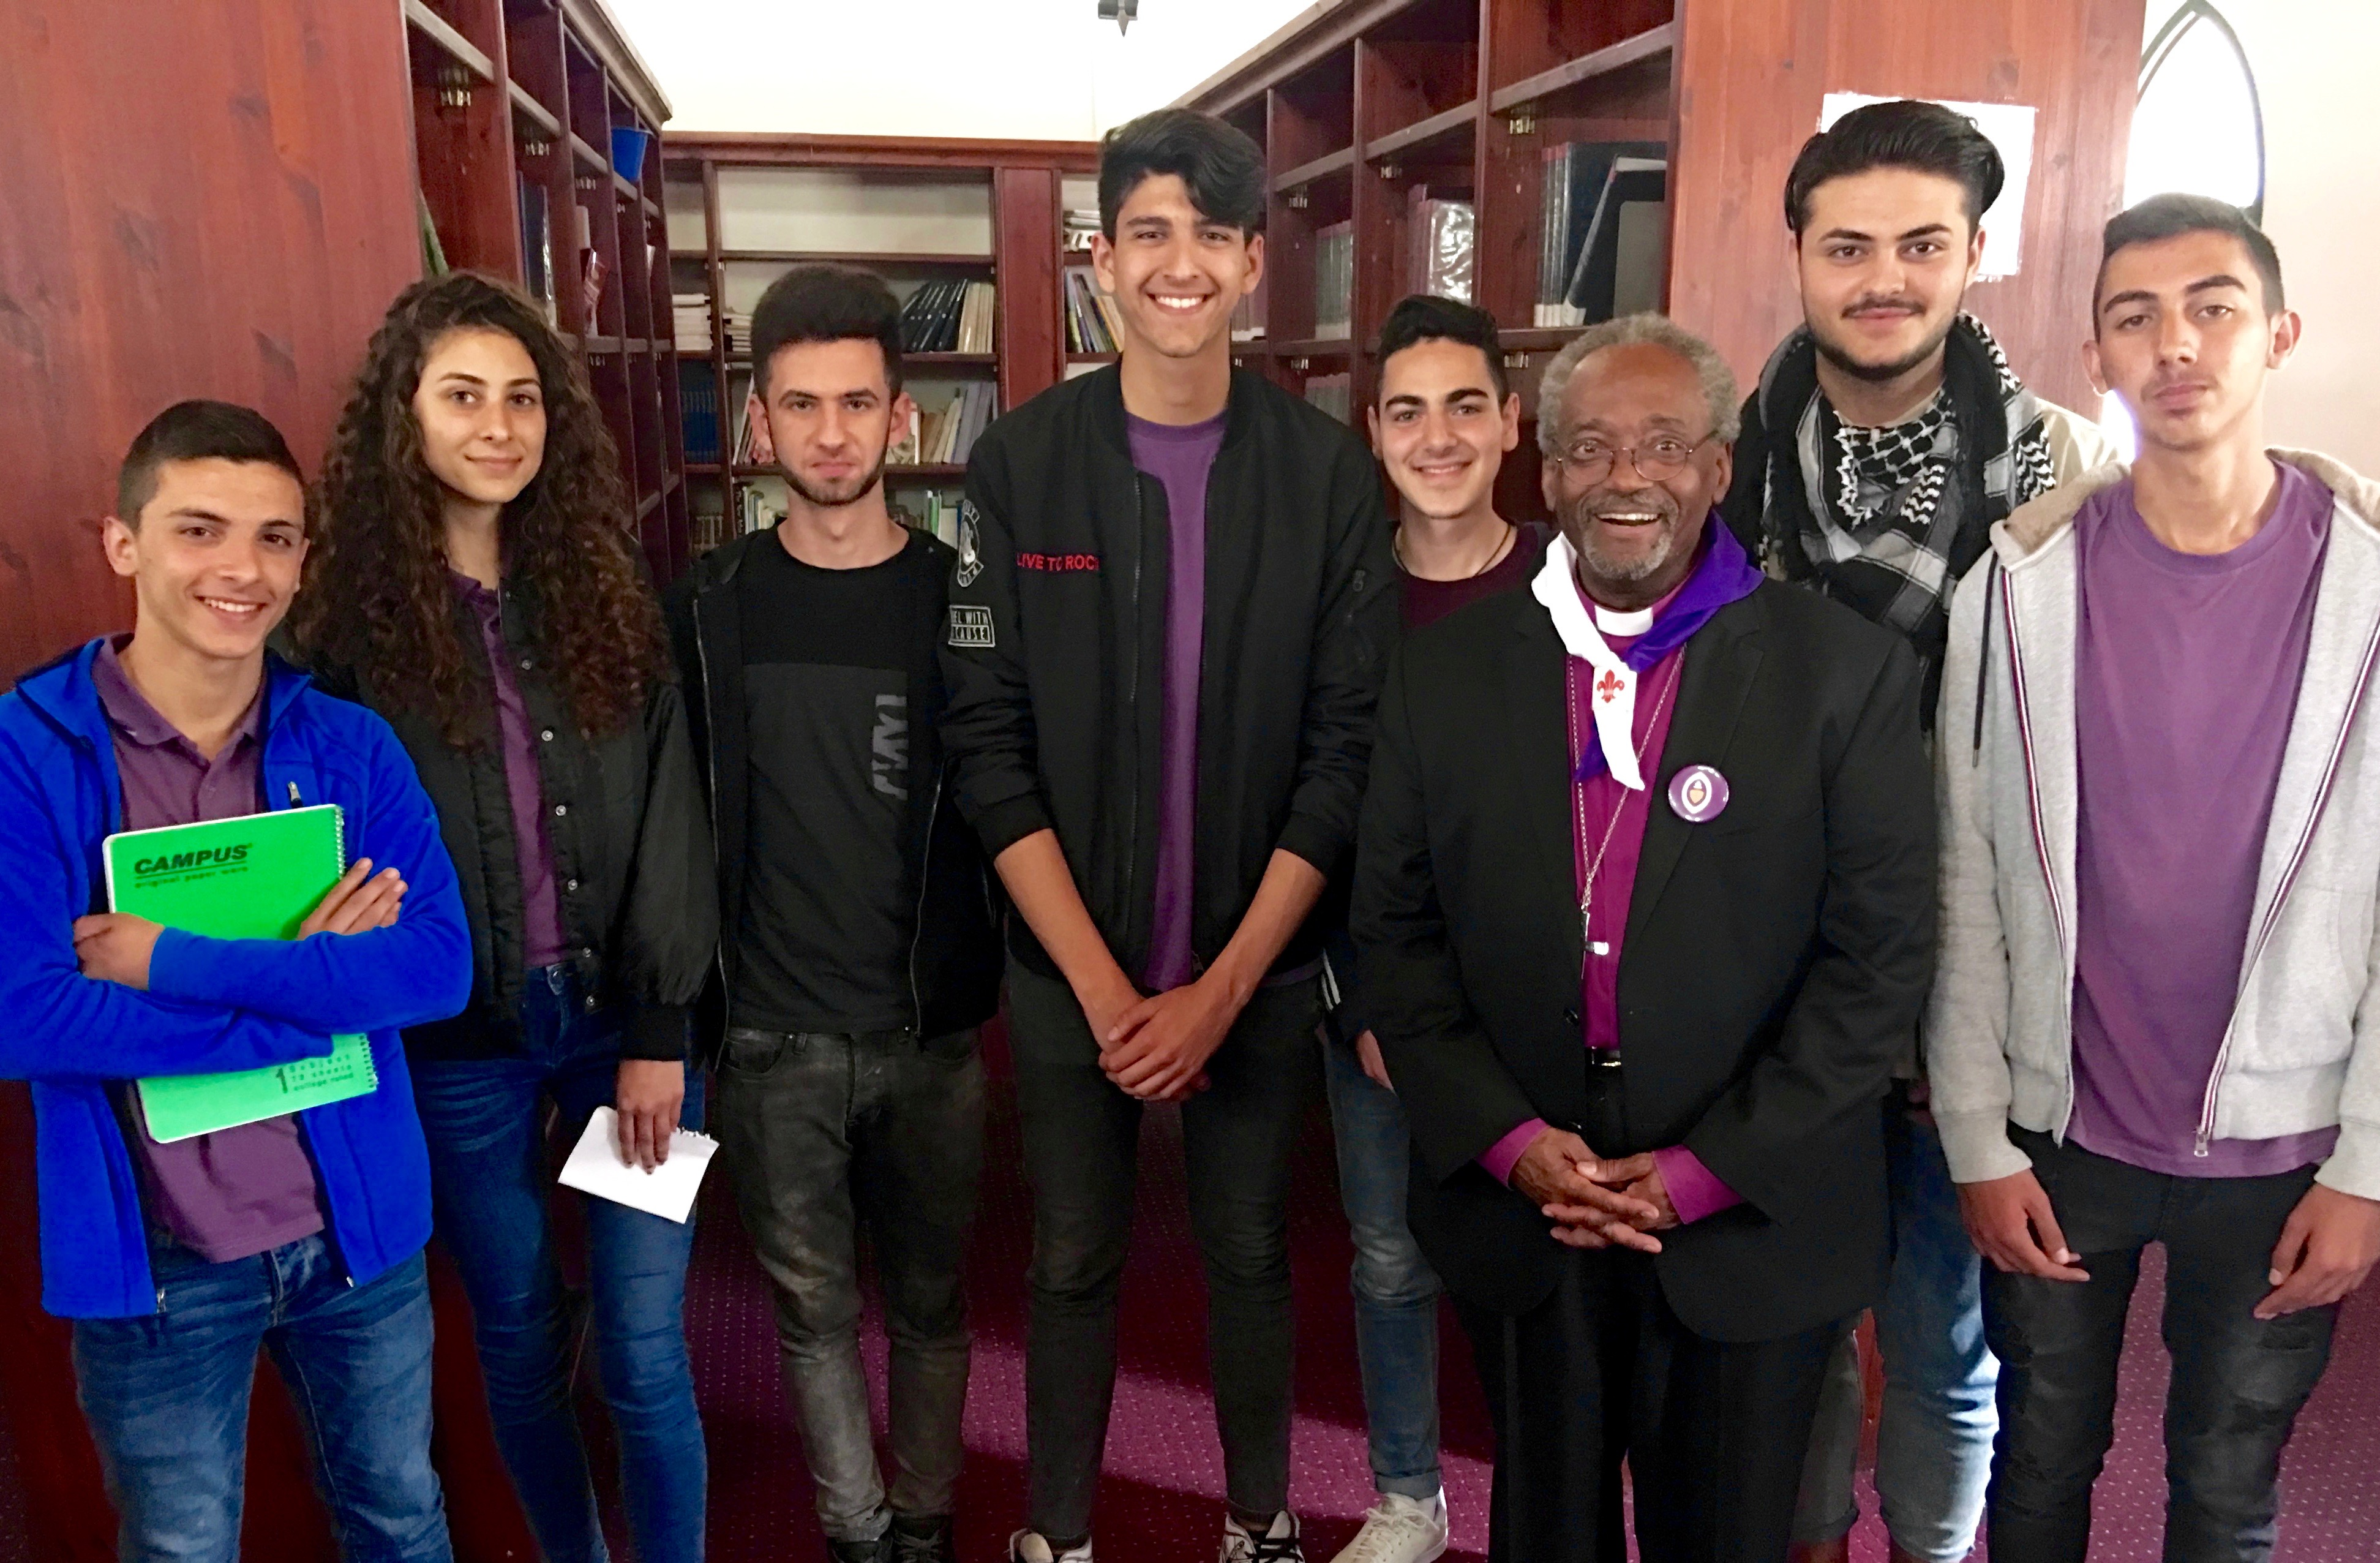 Christ School teens meet top bishop